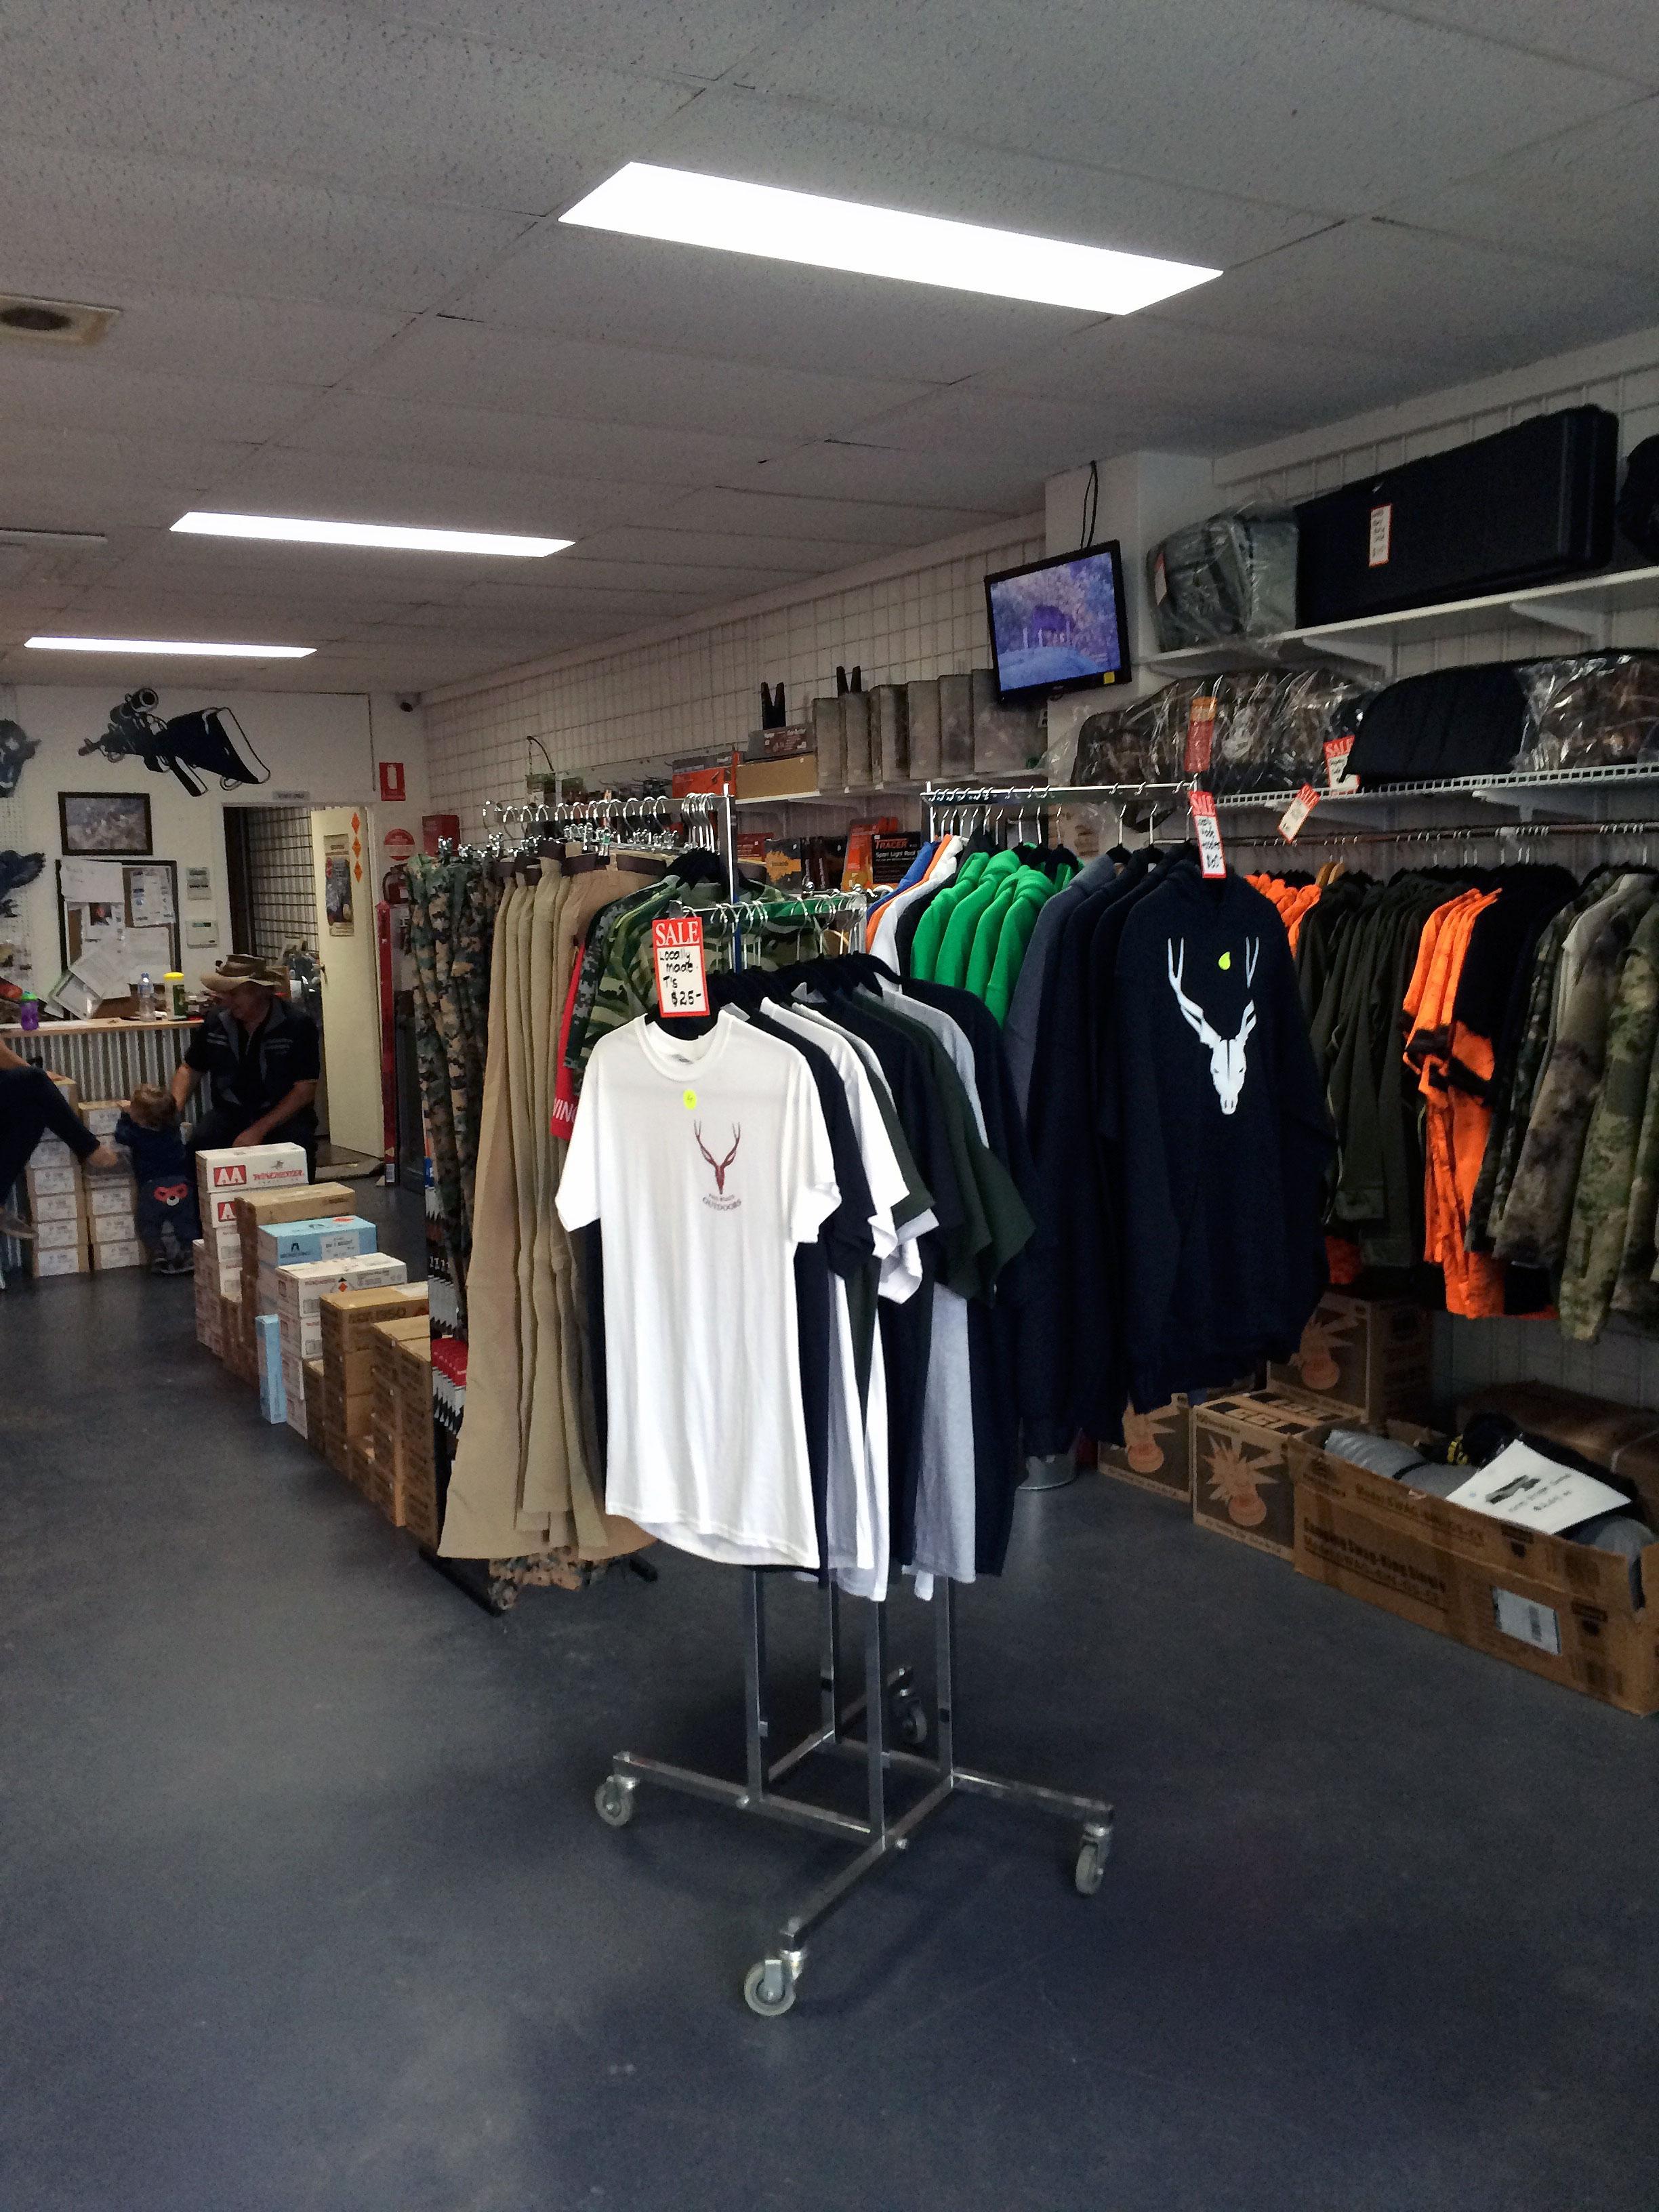 free range clothing on display